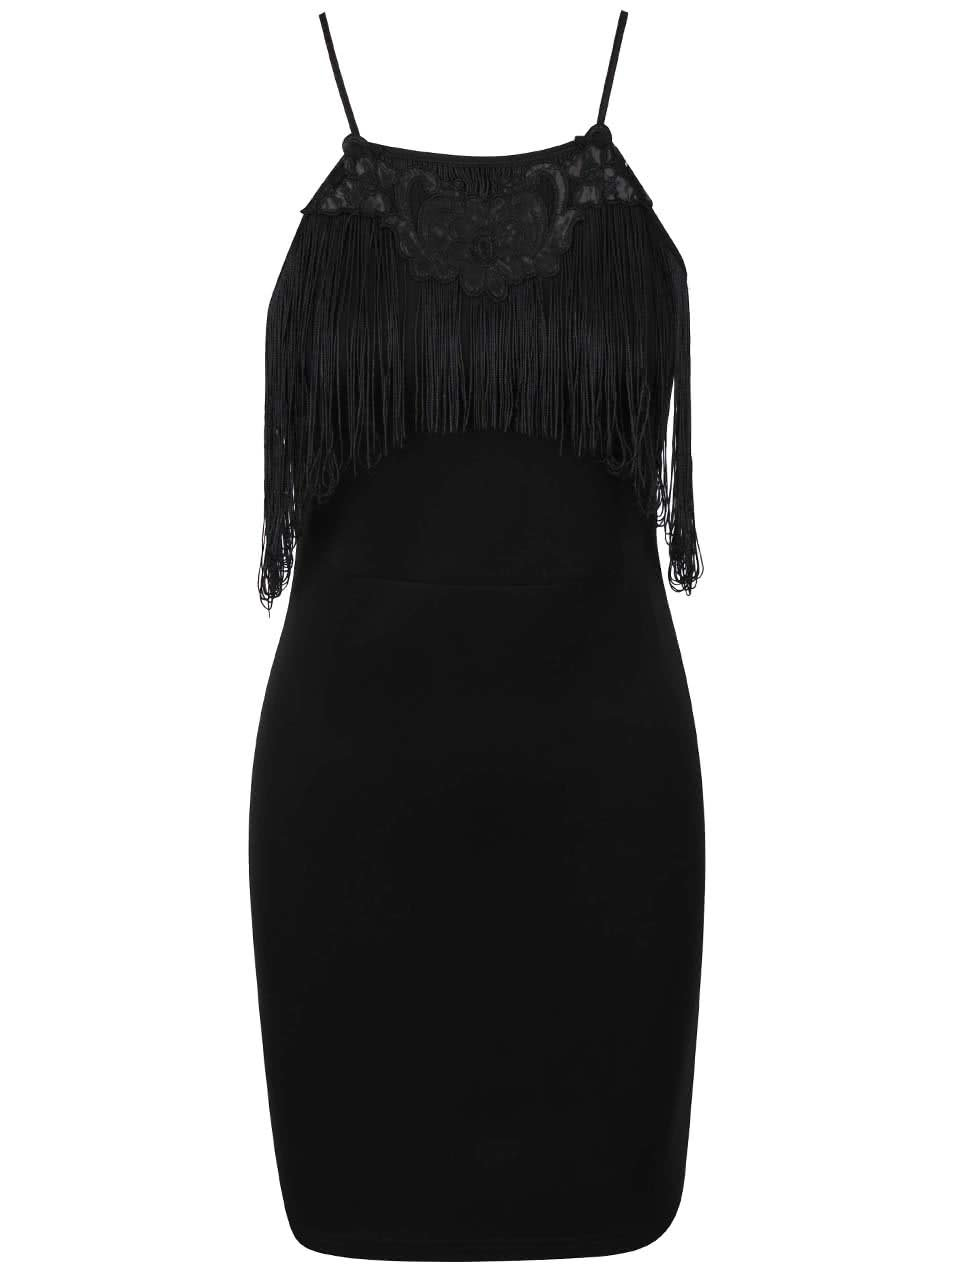 Čierne šaty so strapcami LYDC ... 2d332c7b8f5